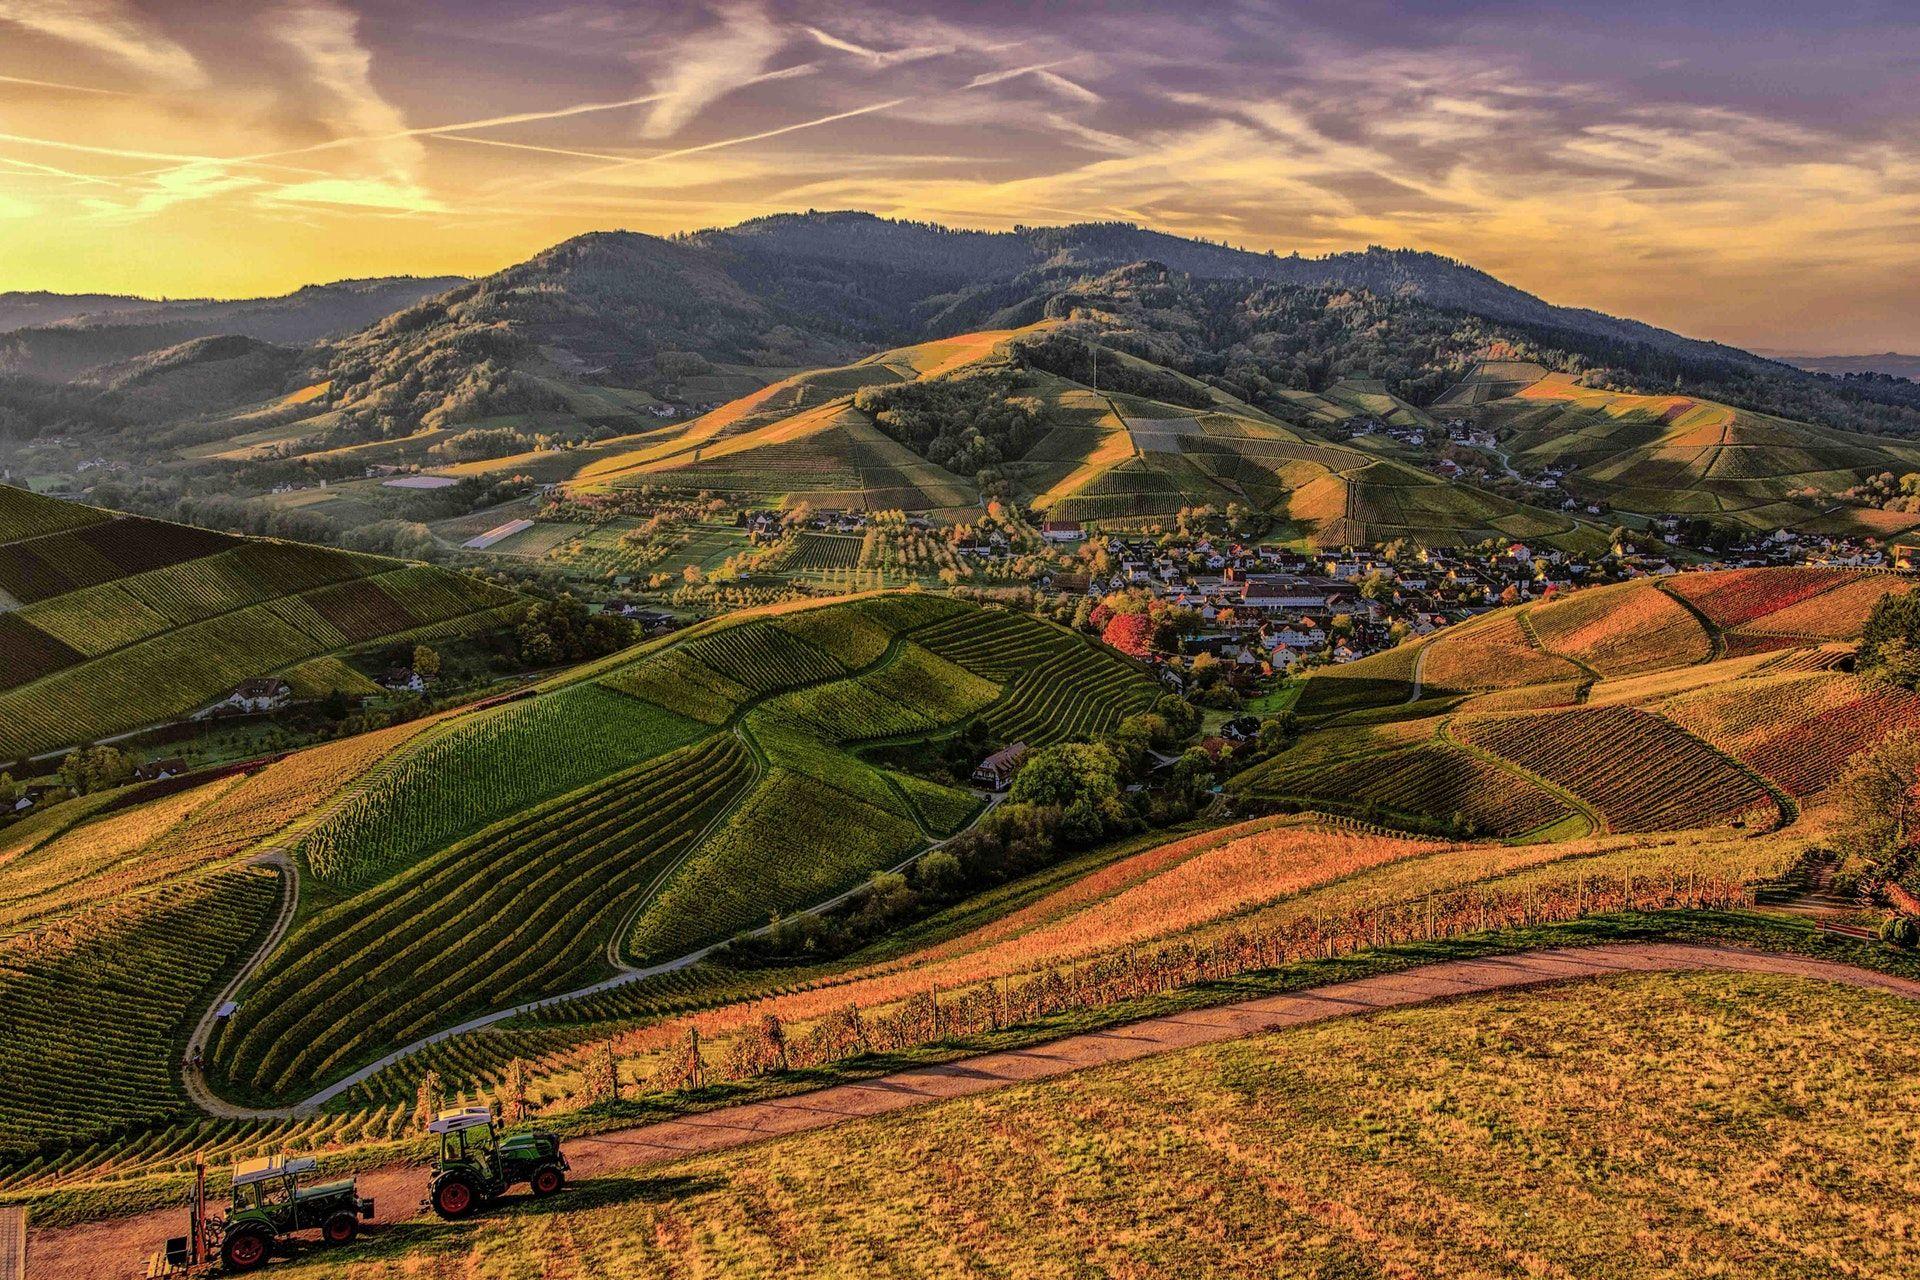 عکس زمینه کوه قهوه ای و سبز پس زمینه